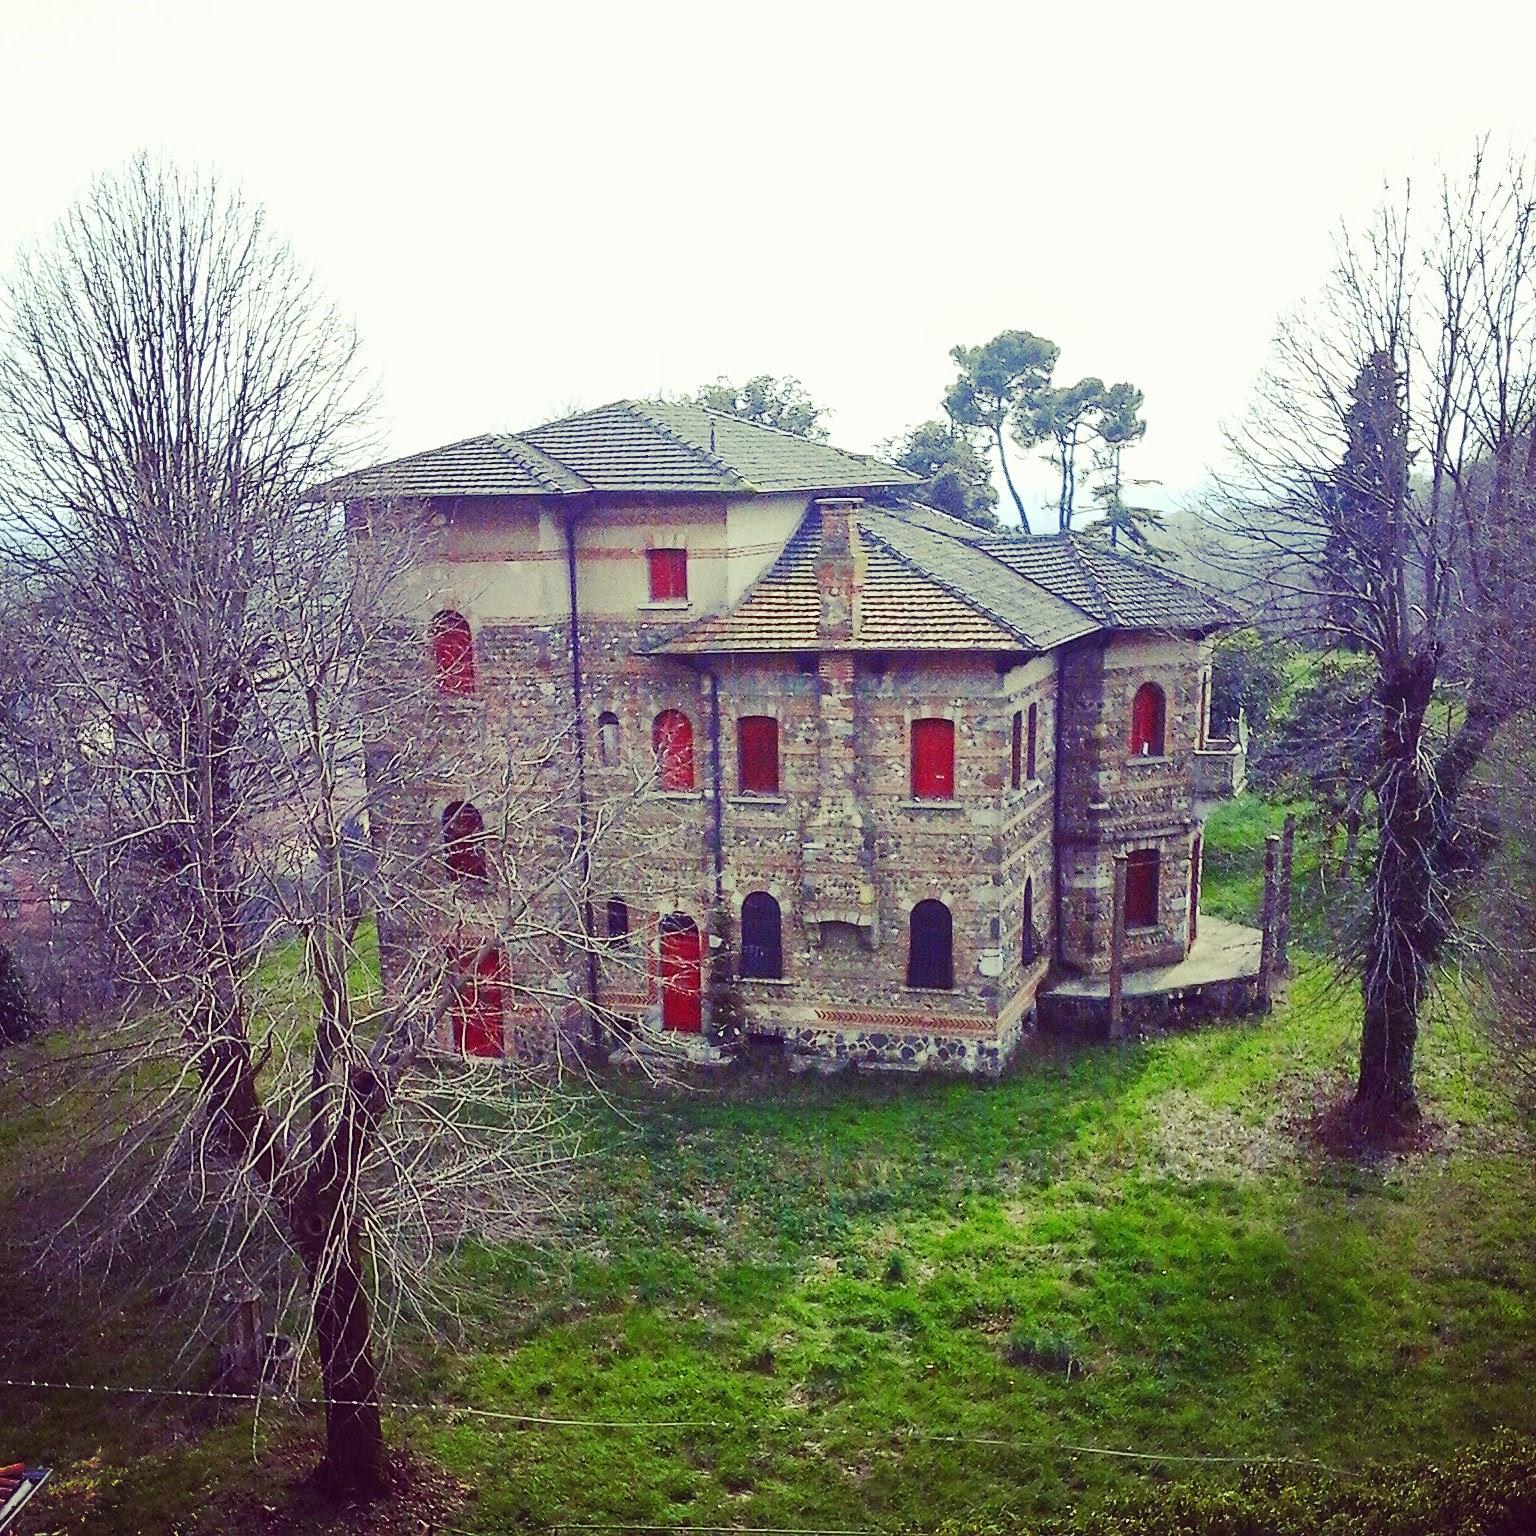 Villa privata che venne costruita nell'area interna del castello Scaligero - Valeggio sul Mincio Foto di Monica Gatti La gatita sotto le due torri blog